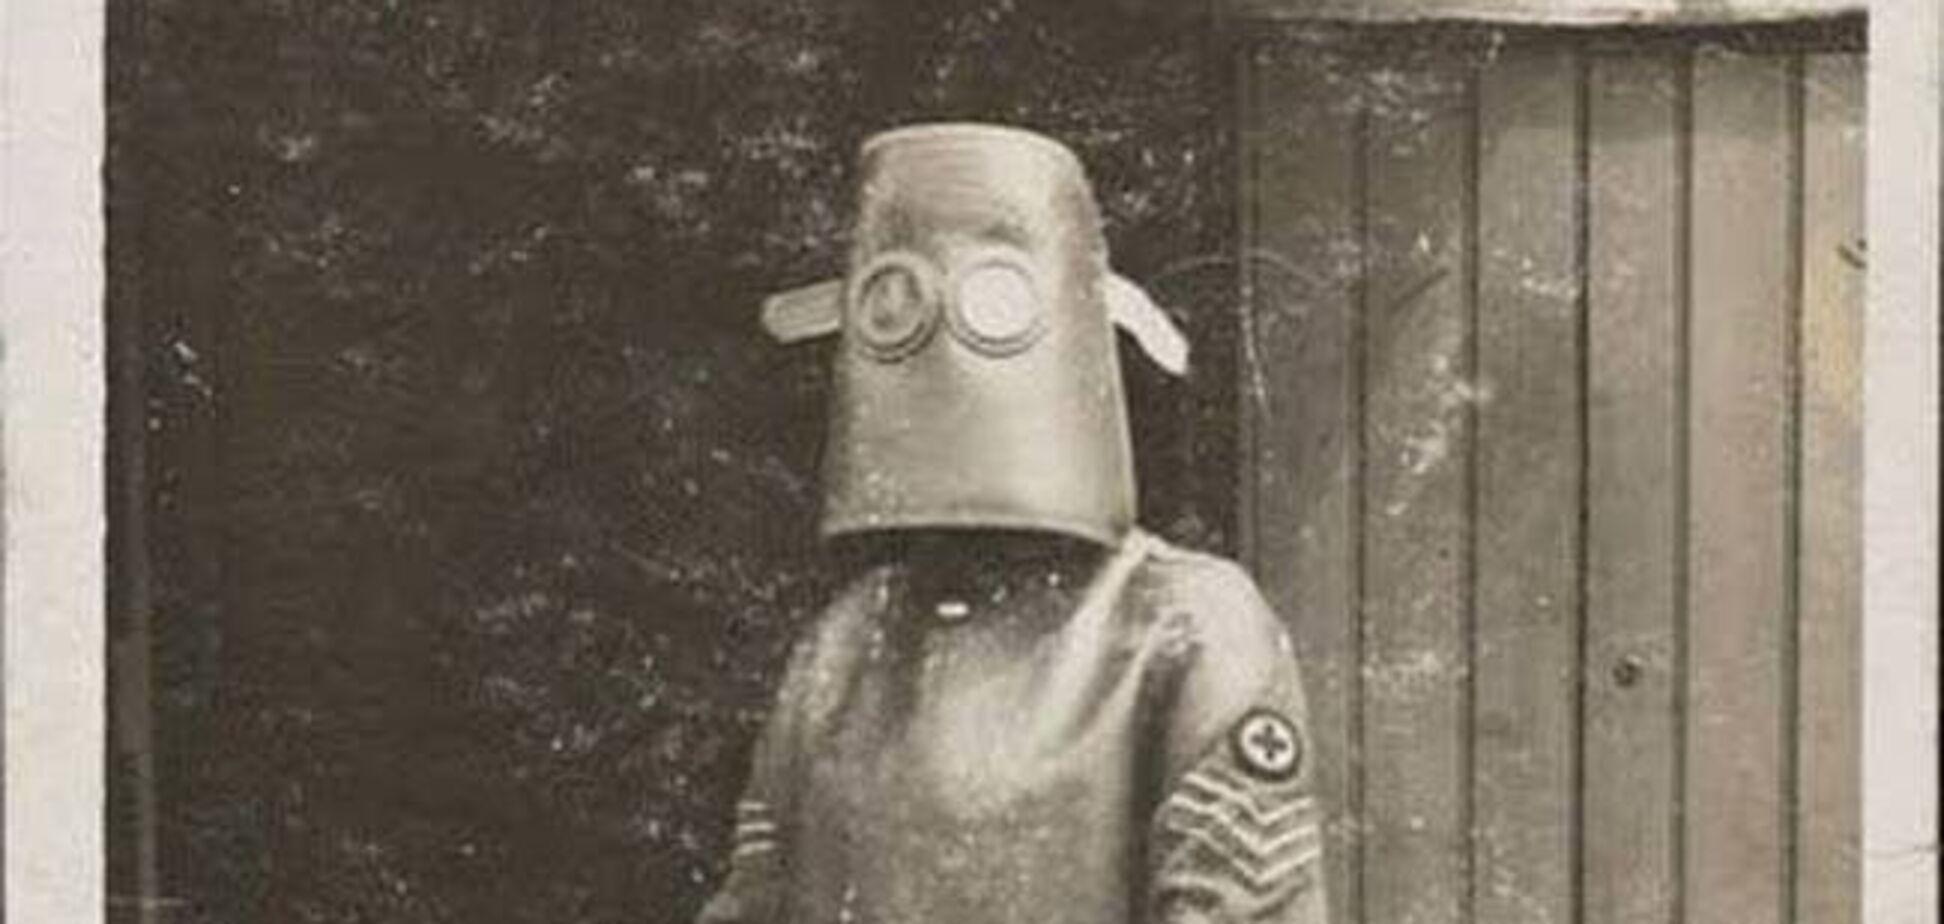 Работник рентген-кабинета в Англии начала ХХ века